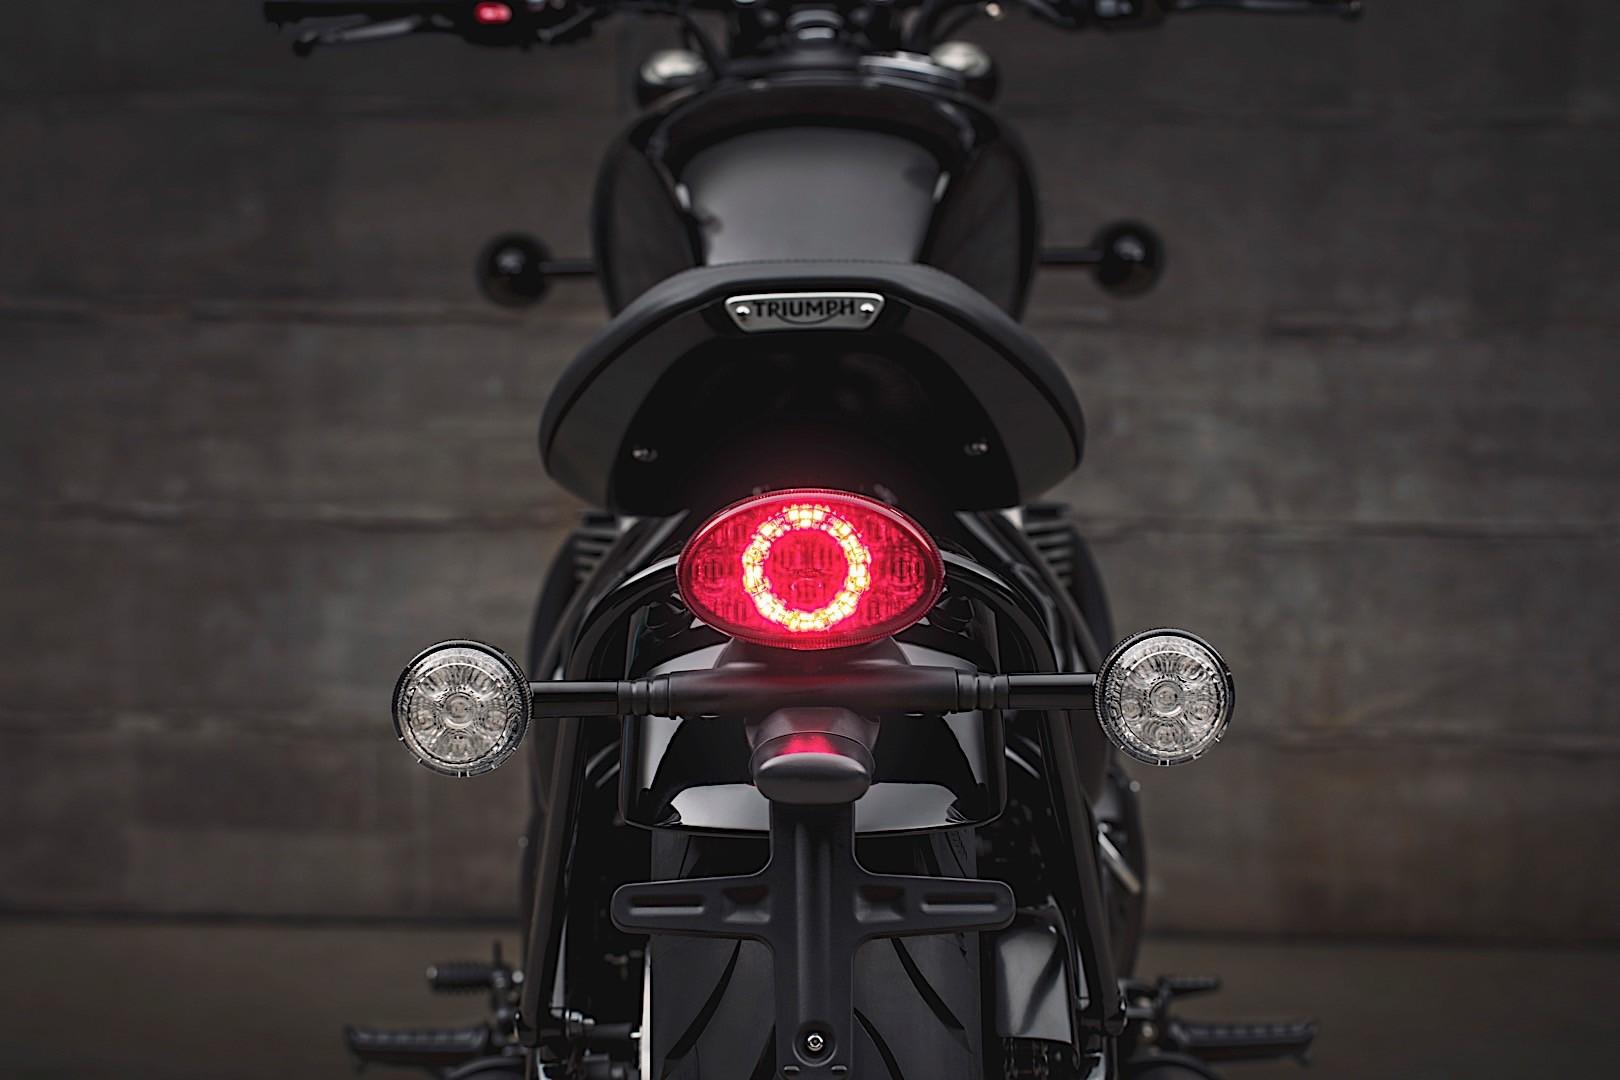 2018 Triumph Bonneville Bobber Black Edition Looks Post Ww2